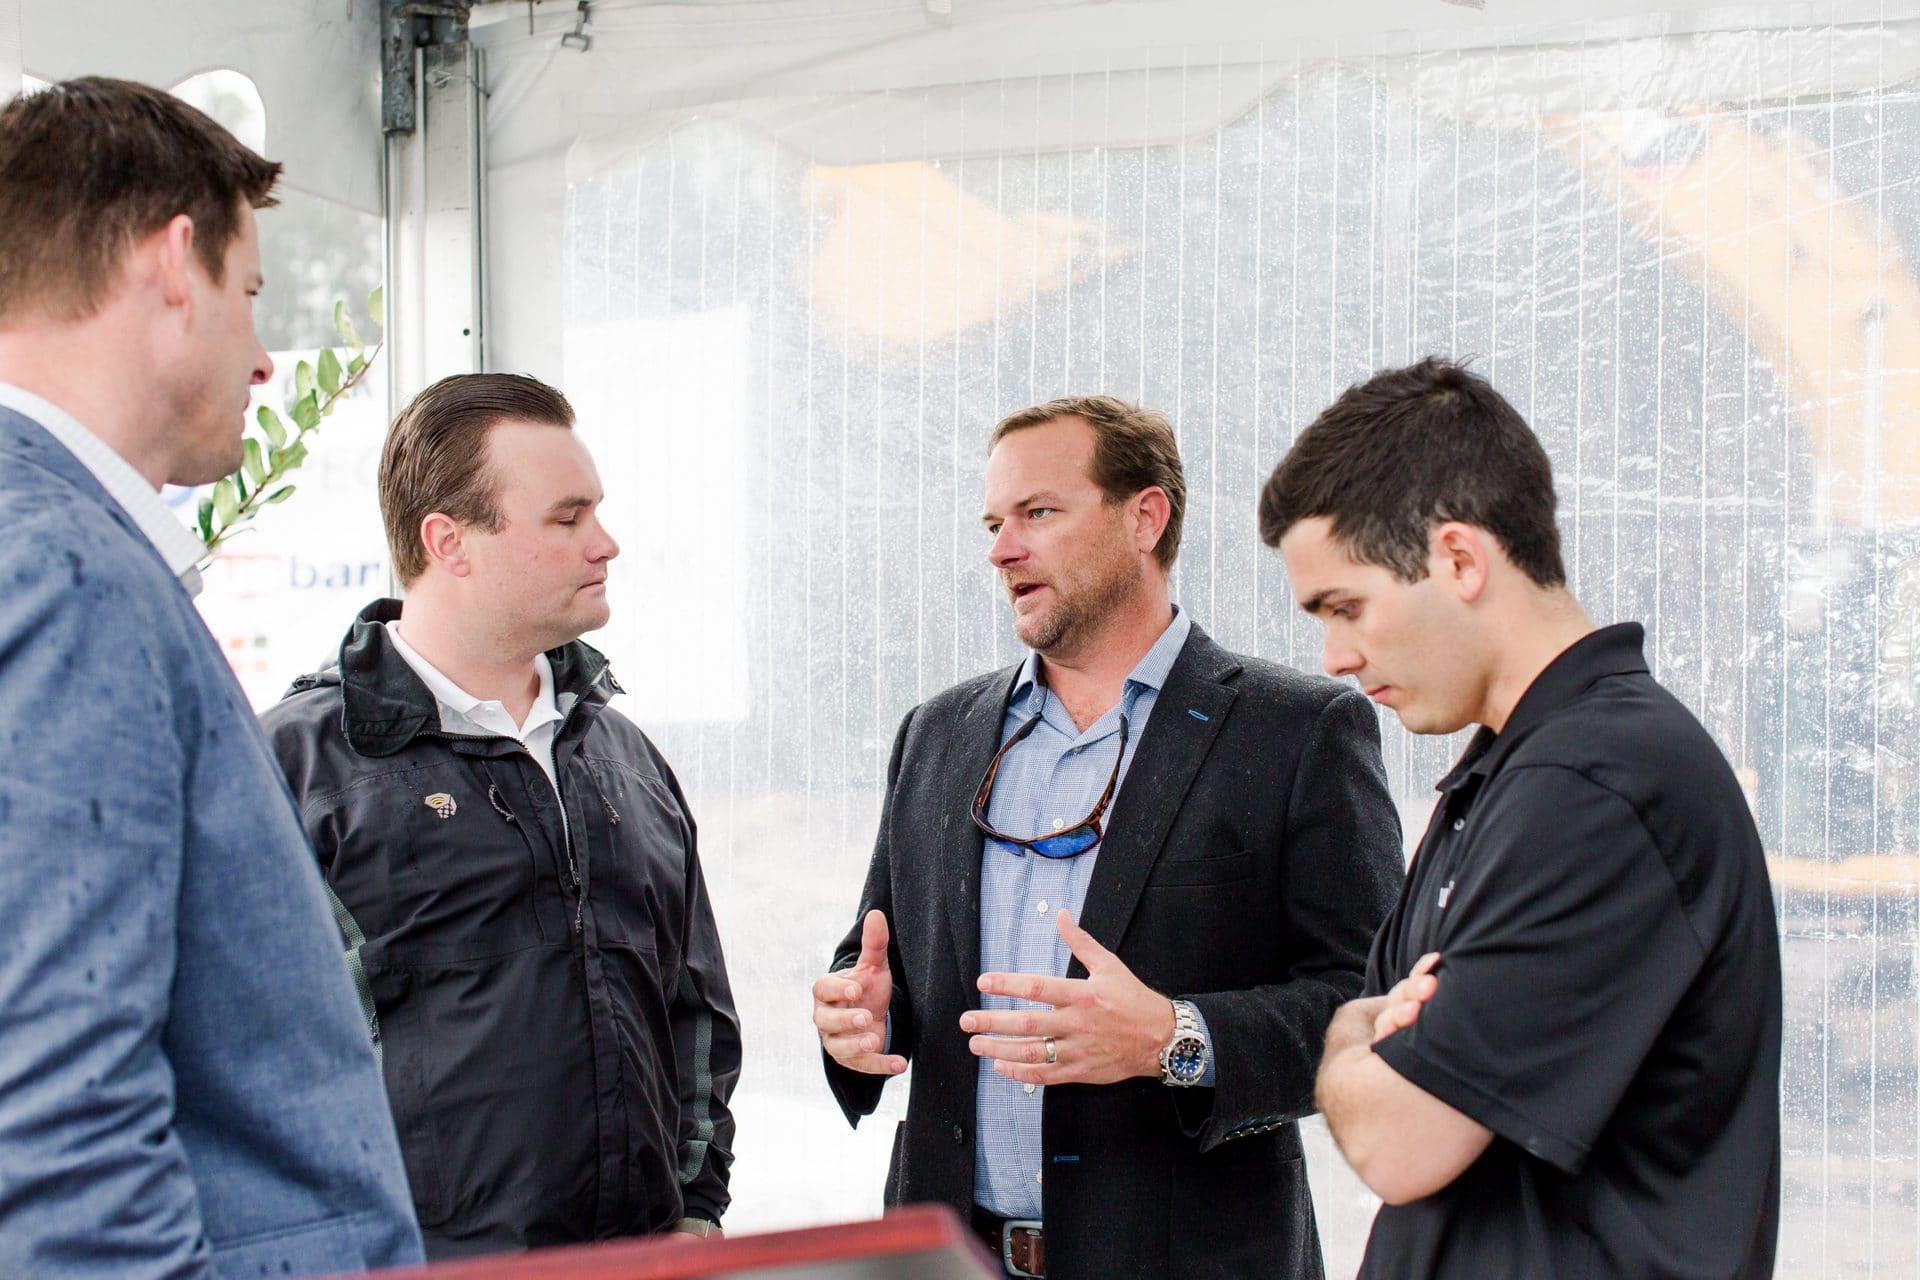 men speaking in group